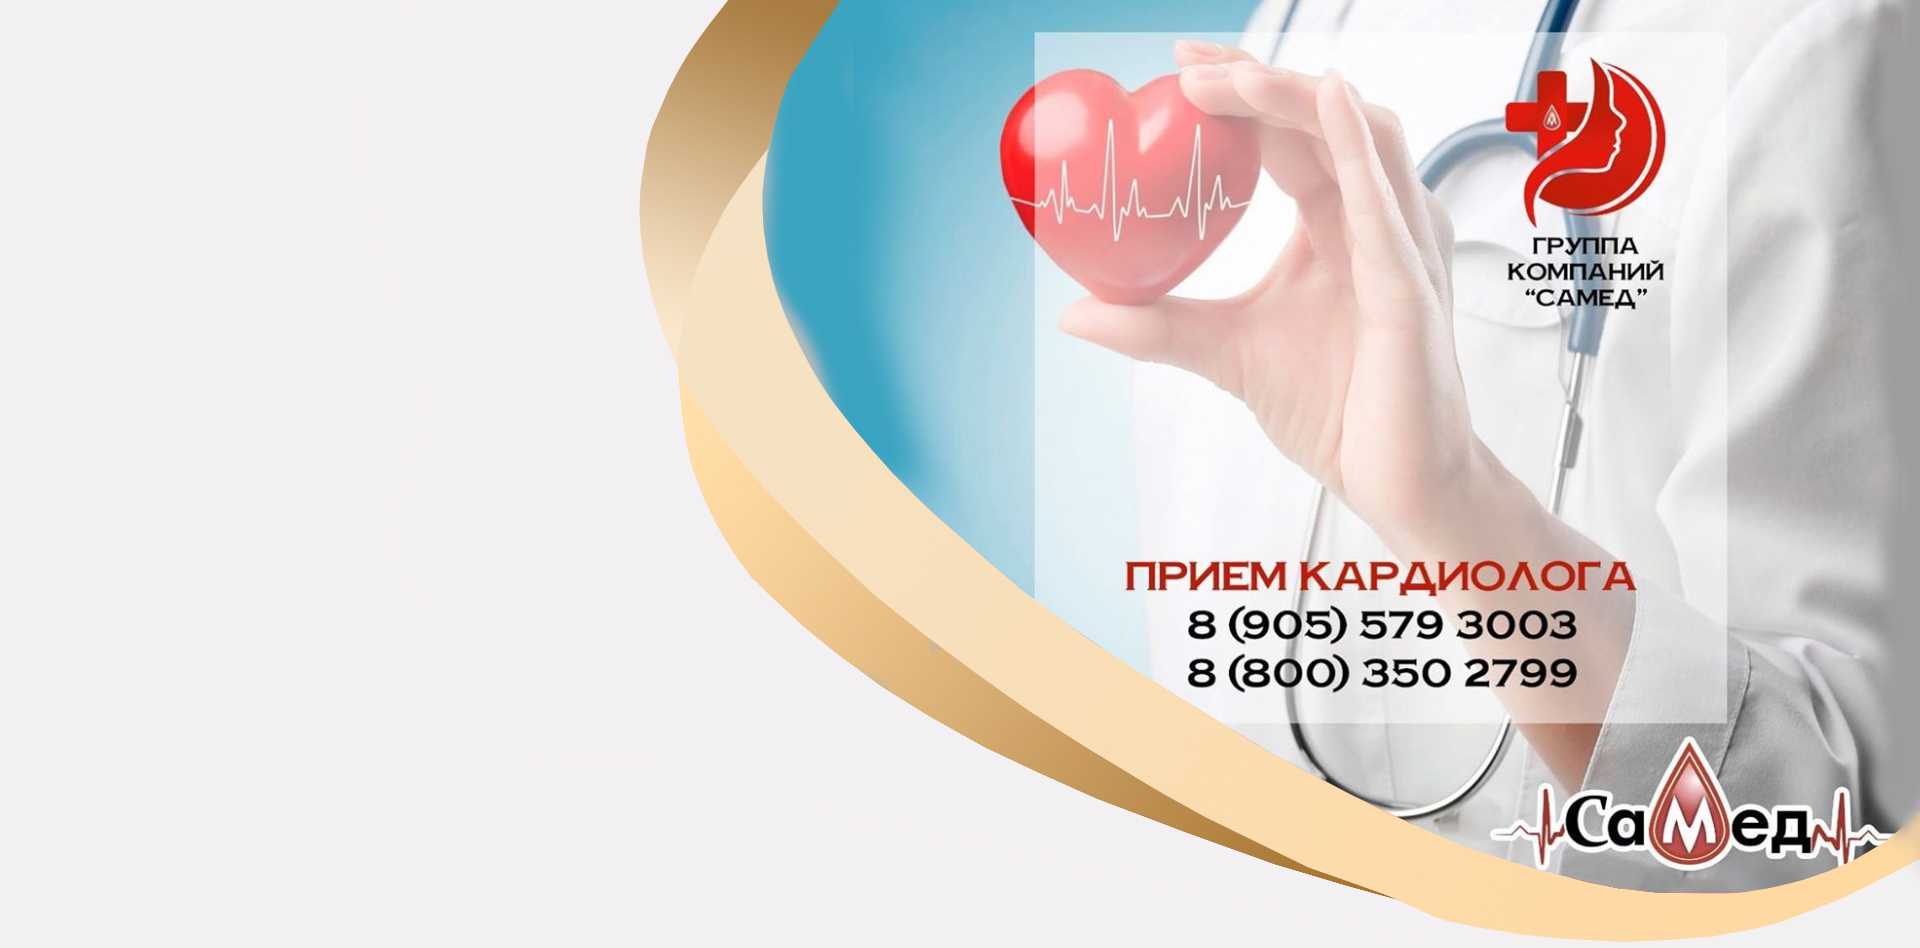 Больничный лист без регистрации в Долгопрудном